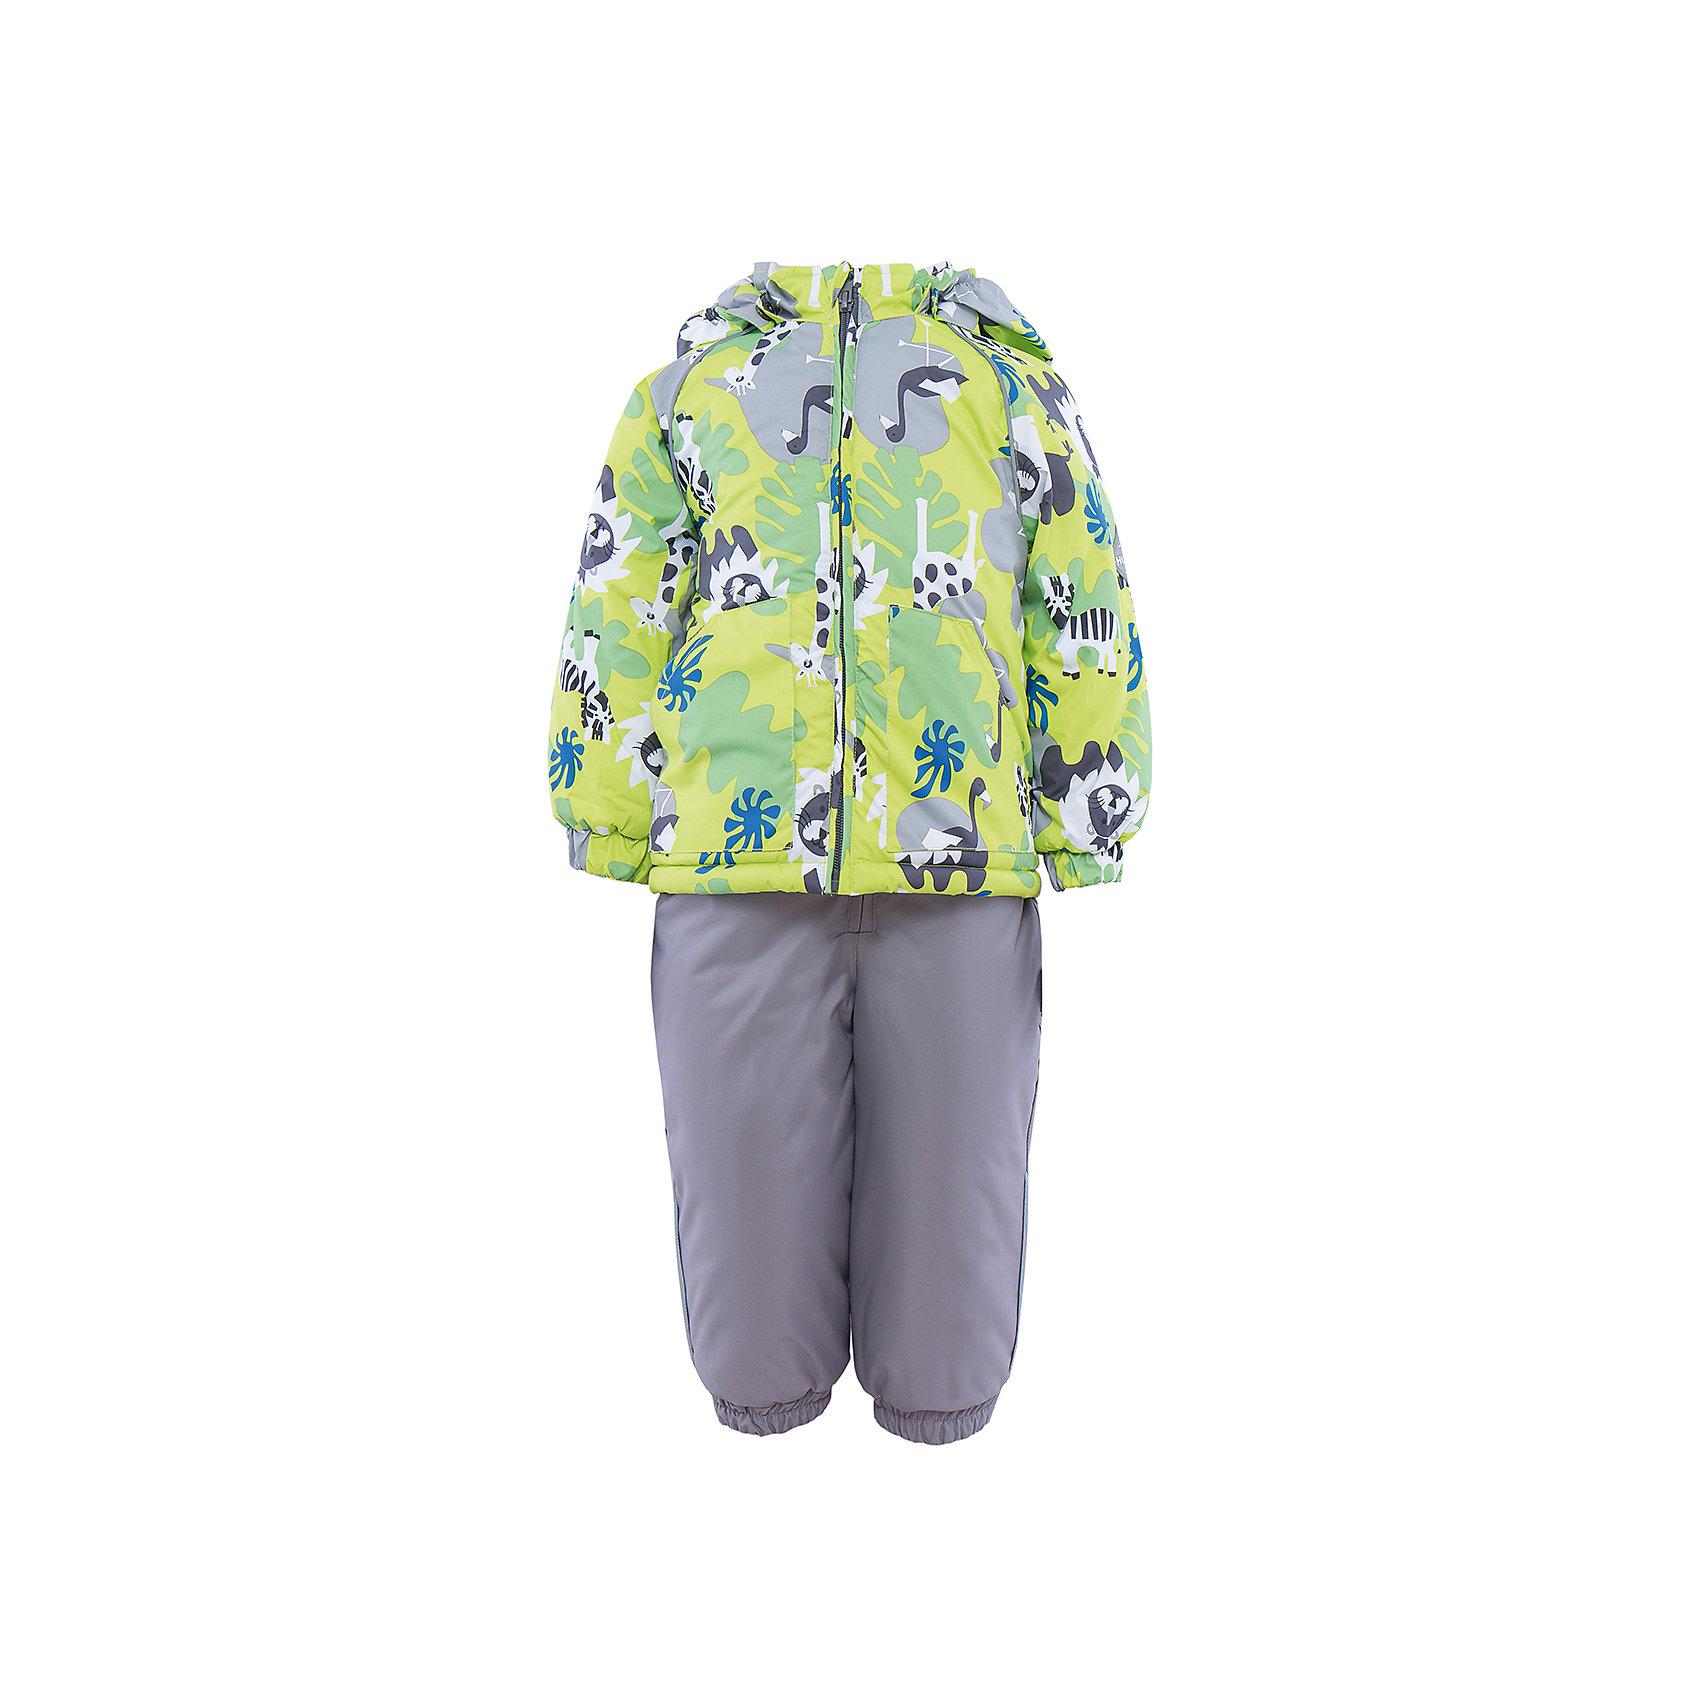 Комплект HuppaВерхняя одежда<br>Комплект из куртки и комбинезона AVERY1 Huppa(Хуппа).<br><br>Утеплитель: 100% полиэстер. Куртка – 300 гр., полукомбинезон – 160 гр.<br><br>Температурный режим: до -30 градусов. Степень утепления – высокая. <br><br>* Температурный режим указан приблизительно — необходимо, прежде всего, ориентироваться на ощущения ребенка. Температурный режим работает в случае соблюдения правила многослойности – использования флисовой поддевы и термобелья.<br><br>Отлично подойдет для зимних прогулок. Комбинезон имеет подтяжки и резинки на талии и манжетах. Куртка с капюшоном и резинками на манжетах имеет необычный дизайн и принт со зверюшками.<br><br>Особенности:<br>-плотная дышащая и водоотталкивающая мембрана<br>-водонепроницаемый<br>-мягкая фланелевая подкладка<br>-водостойкая лента на швах<br>-высокая прочность<br>-светоотражающие элементы<br>-съемный капюшон (мех не отстегивается)<br><br>Дополнительная информация:<br>Материал: 100% полиэстер<br>Подкладка: фланель - 100% хлопок<br>Цвет: салатовый/серый<br><br>Вы можете приобрести комплект AVERY1 Huppa(Хуппа) в нашем интернет-магазине.<br><br>Ширина мм: 356<br>Глубина мм: 10<br>Высота мм: 245<br>Вес г: 519<br>Цвет: зеленый<br>Возраст от месяцев: 12<br>Возраст до месяцев: 15<br>Пол: Унисекс<br>Возраст: Детский<br>Размер: 104,86,92,98,80<br>SKU: 4928798